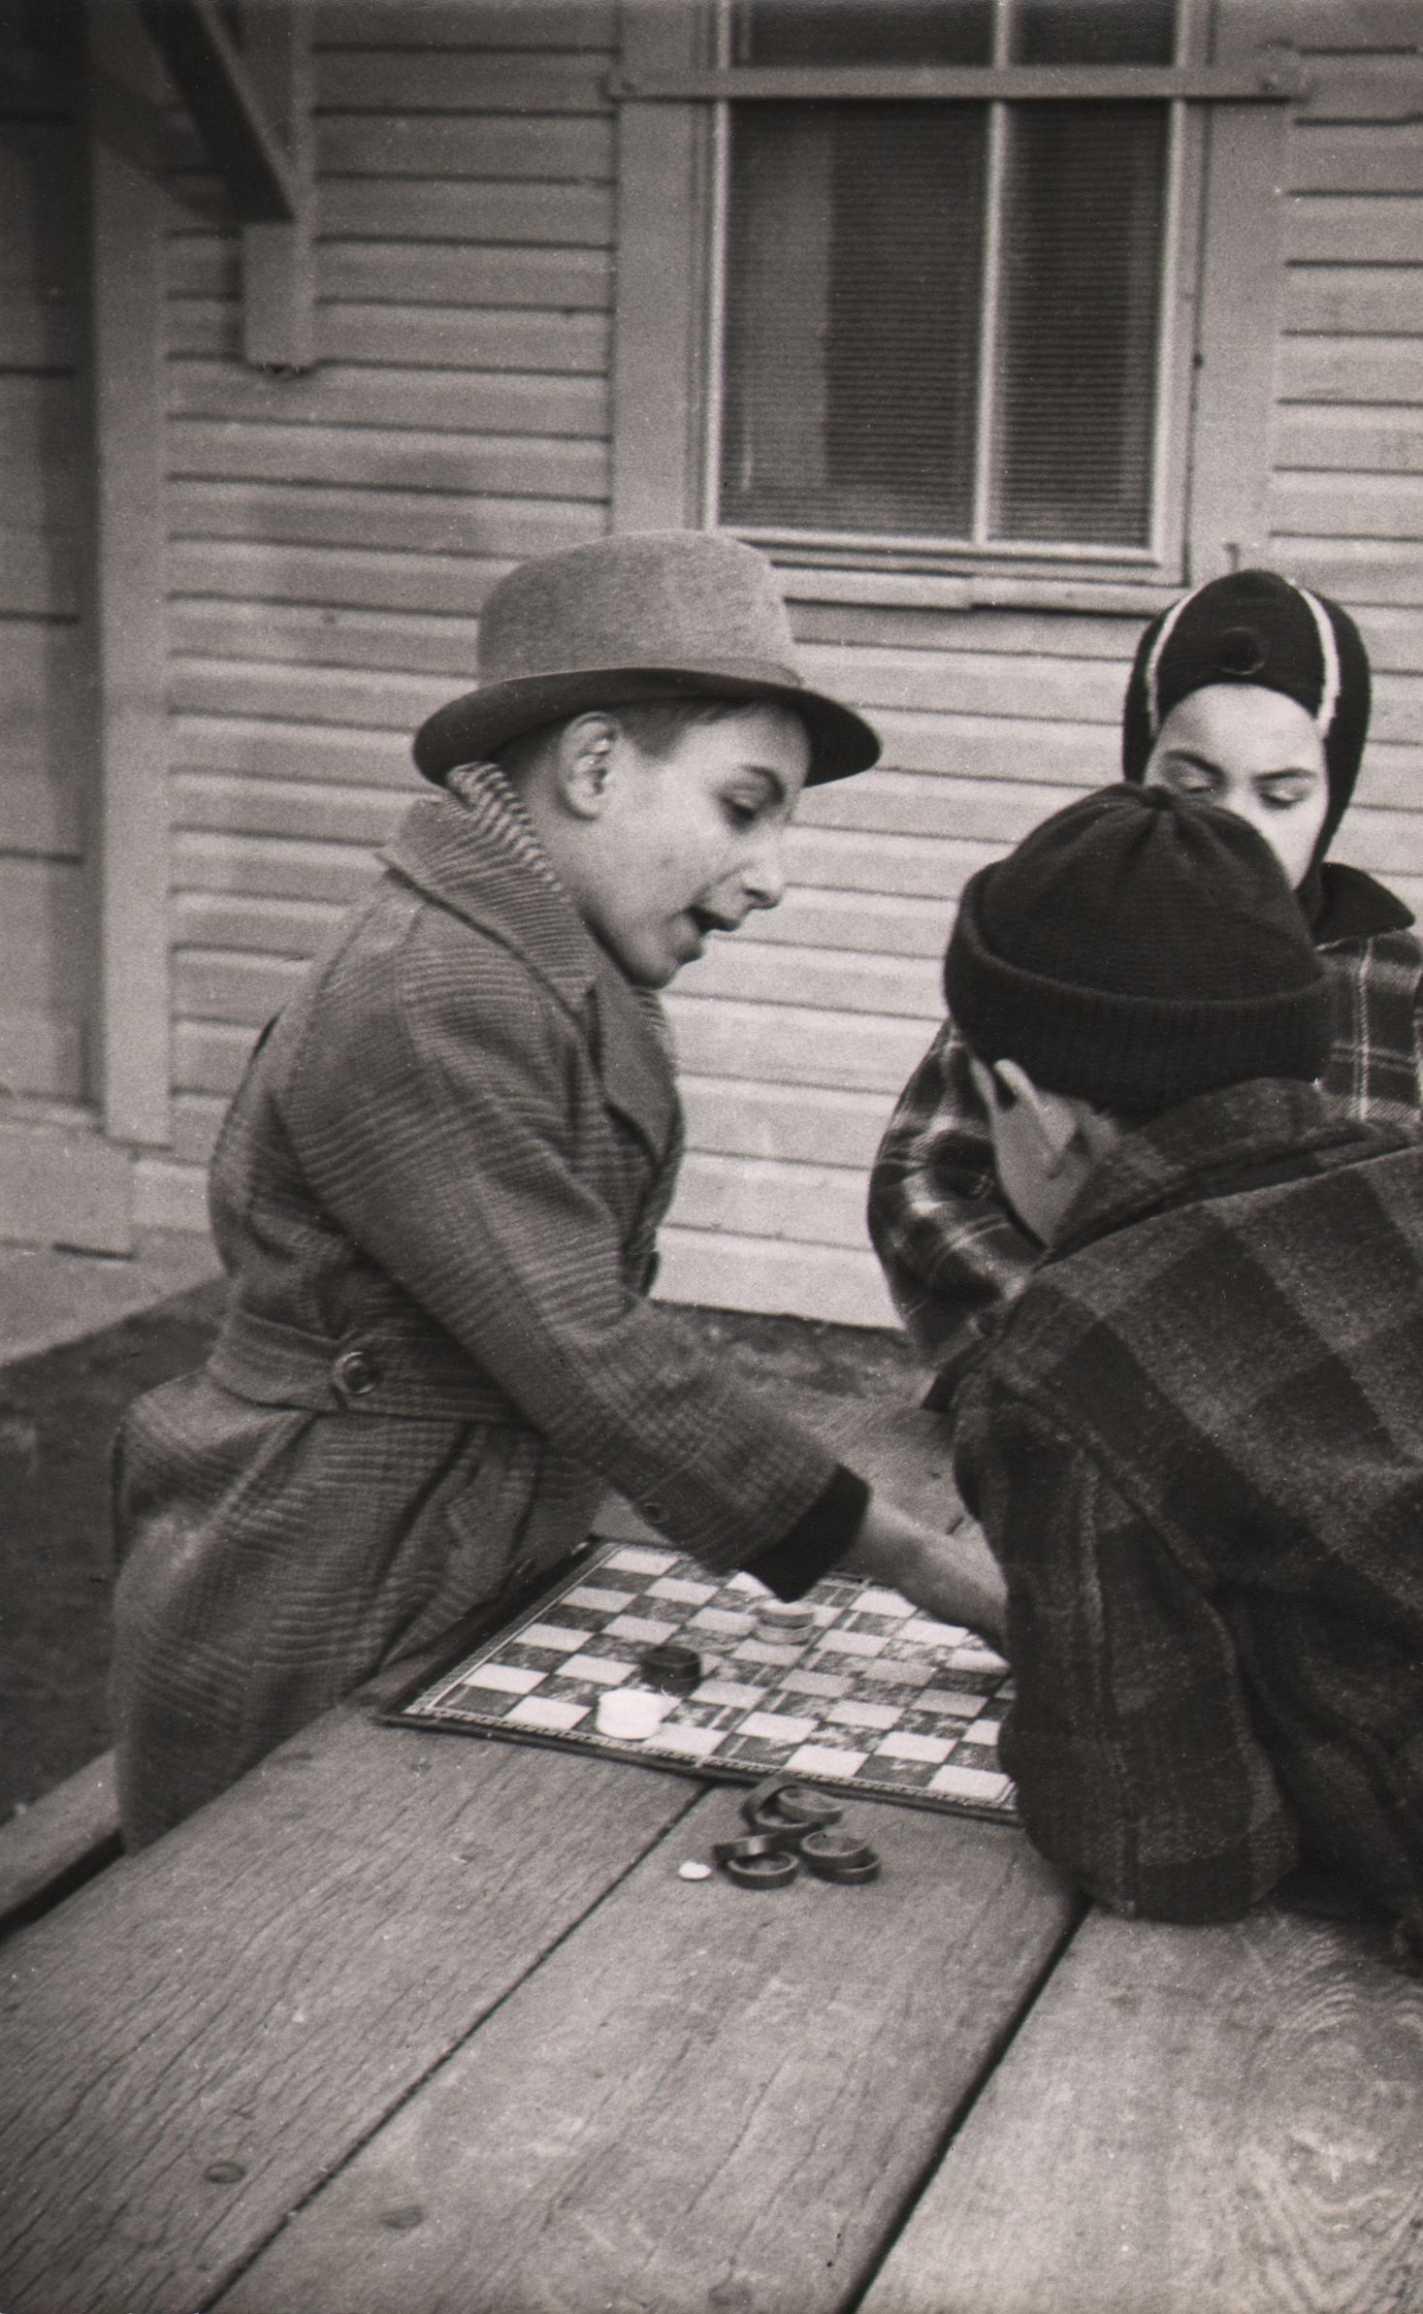 Jeanne Ebstel, Untitled, c. 1946